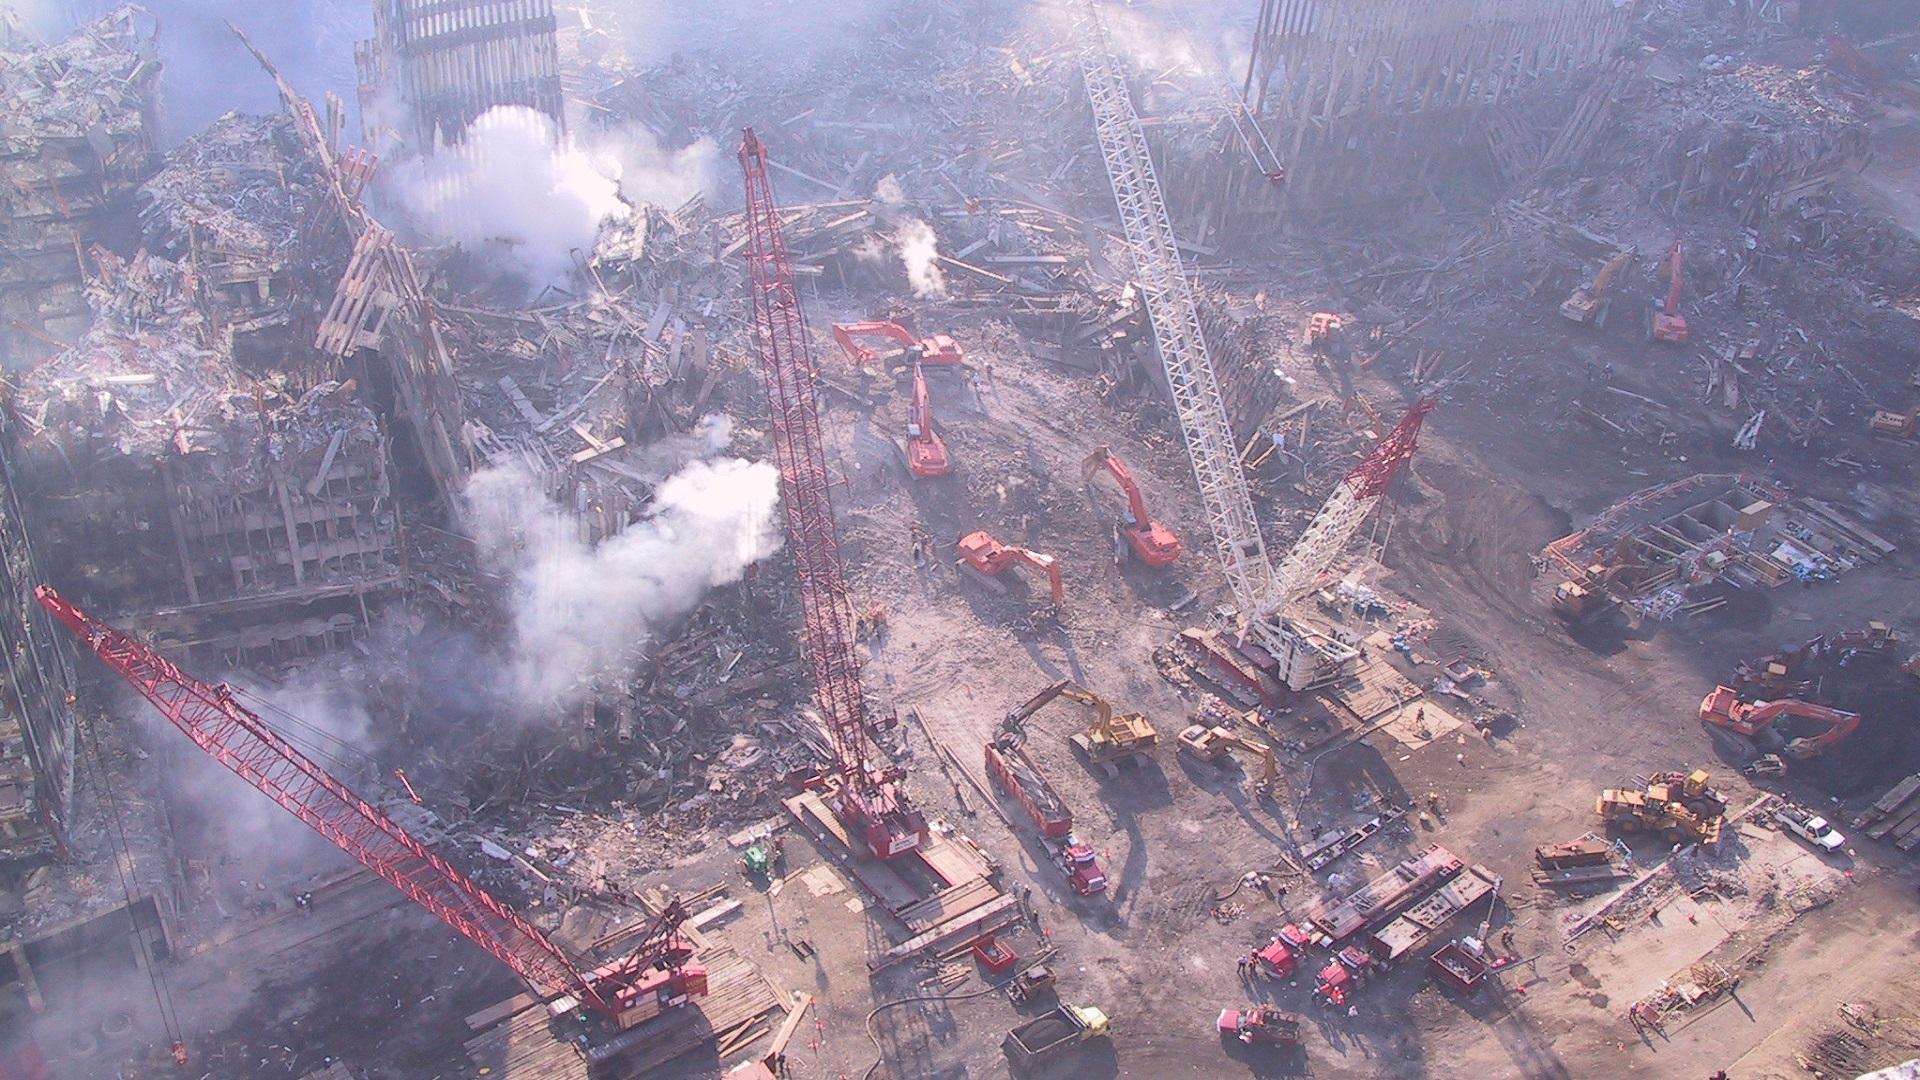 #Fotos Revelan imágenes inéditas del atentado del 11S en EE.UU